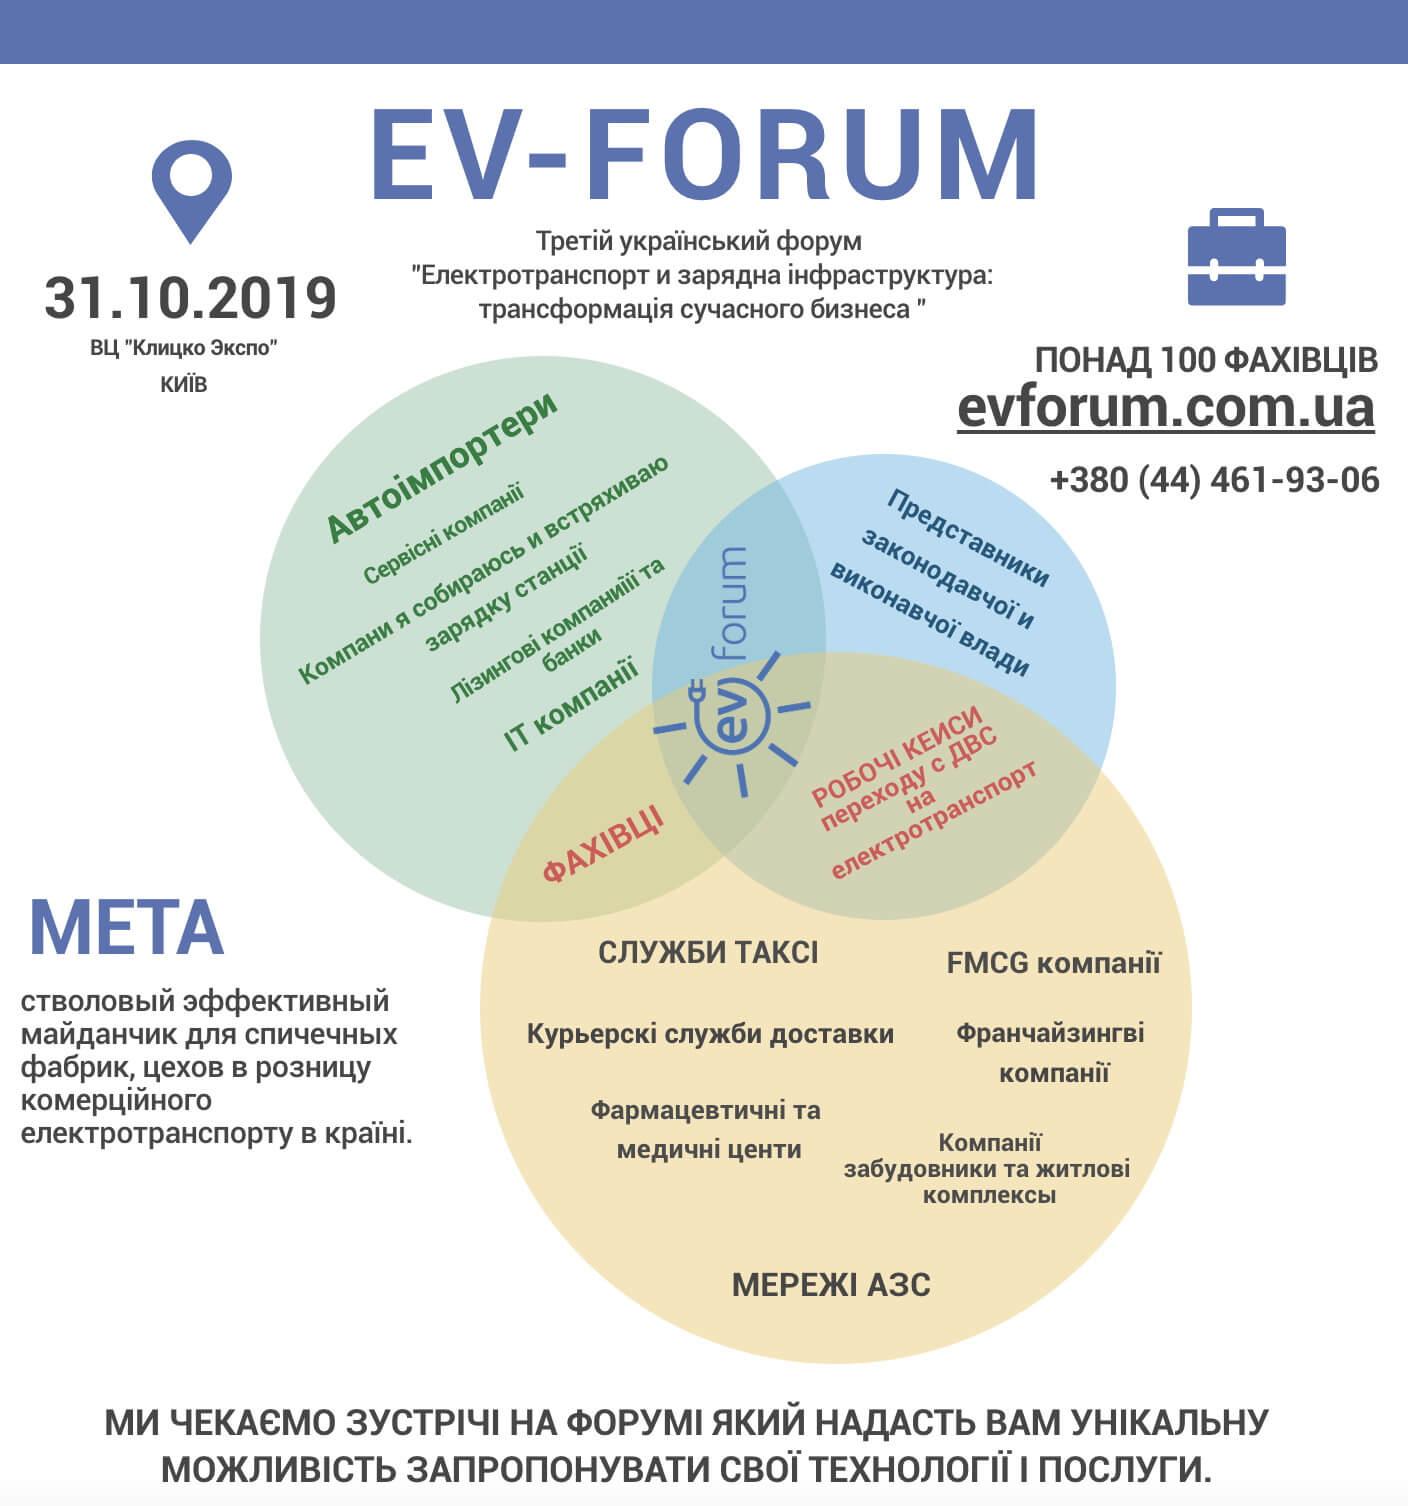 Цель EV-Forum 2019